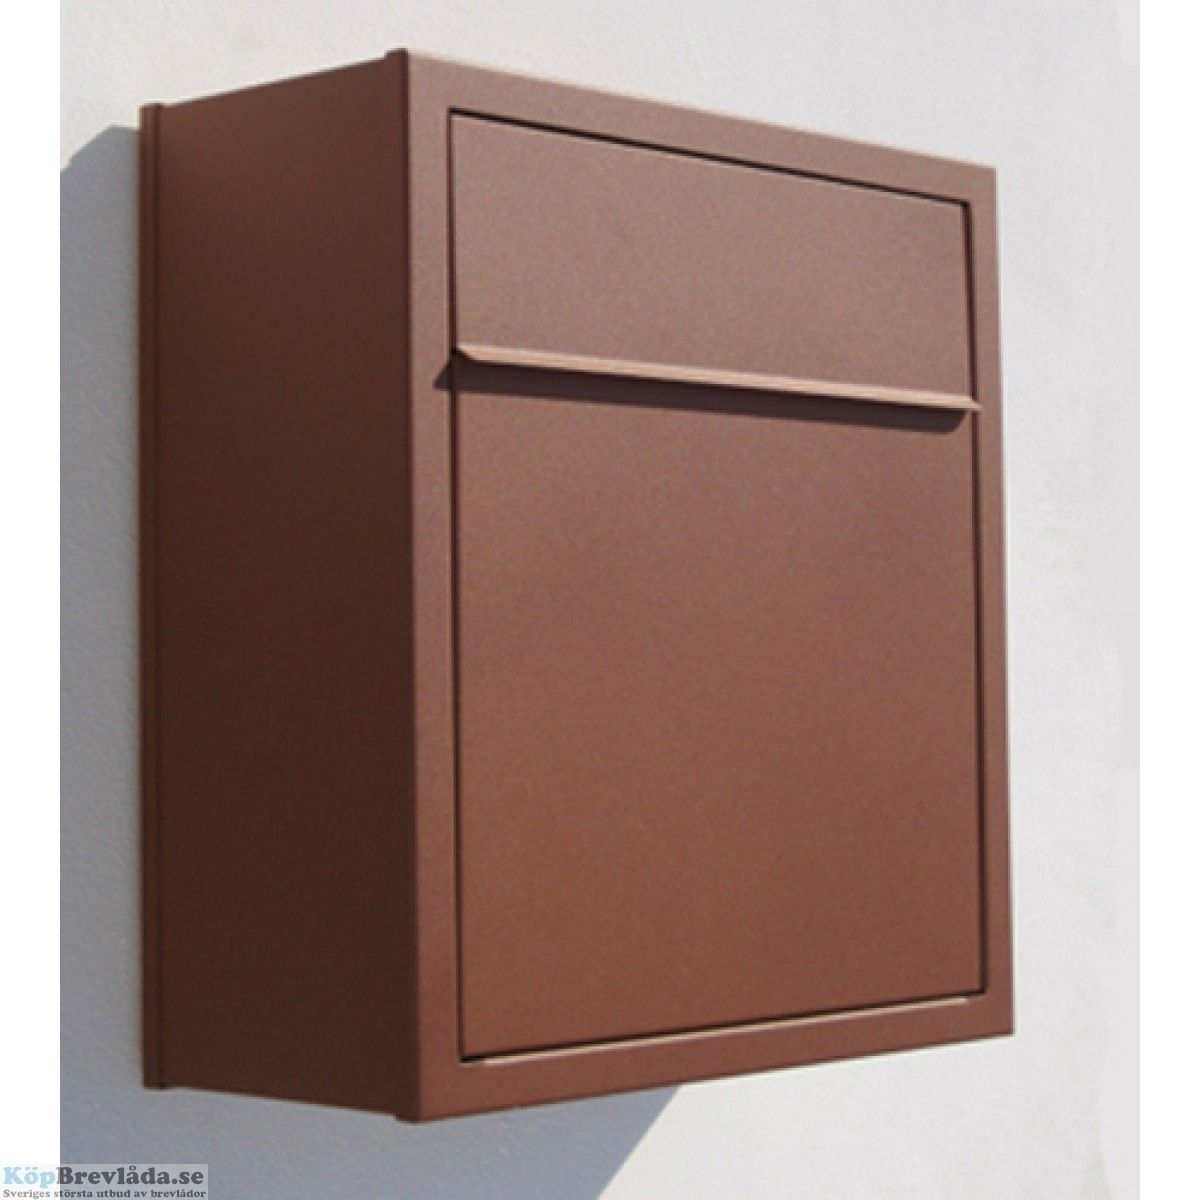 Bravios Briefkasten rostbrun postlåda bravios base briefkasten